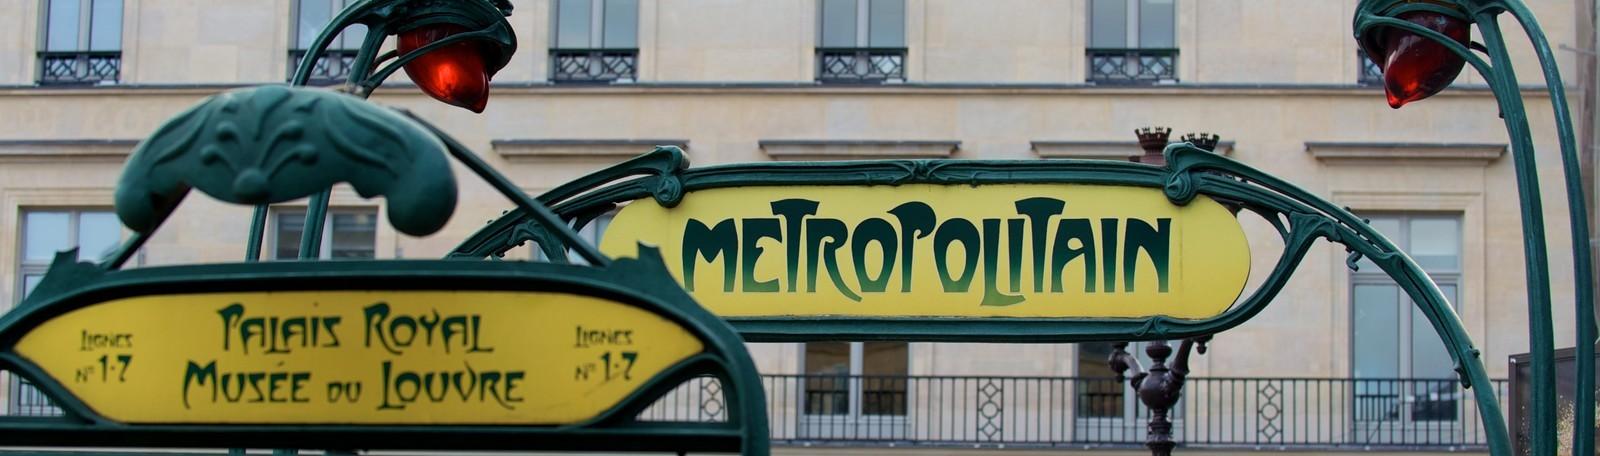 Parking Paris Métro Palais Royal Musée du Louvre